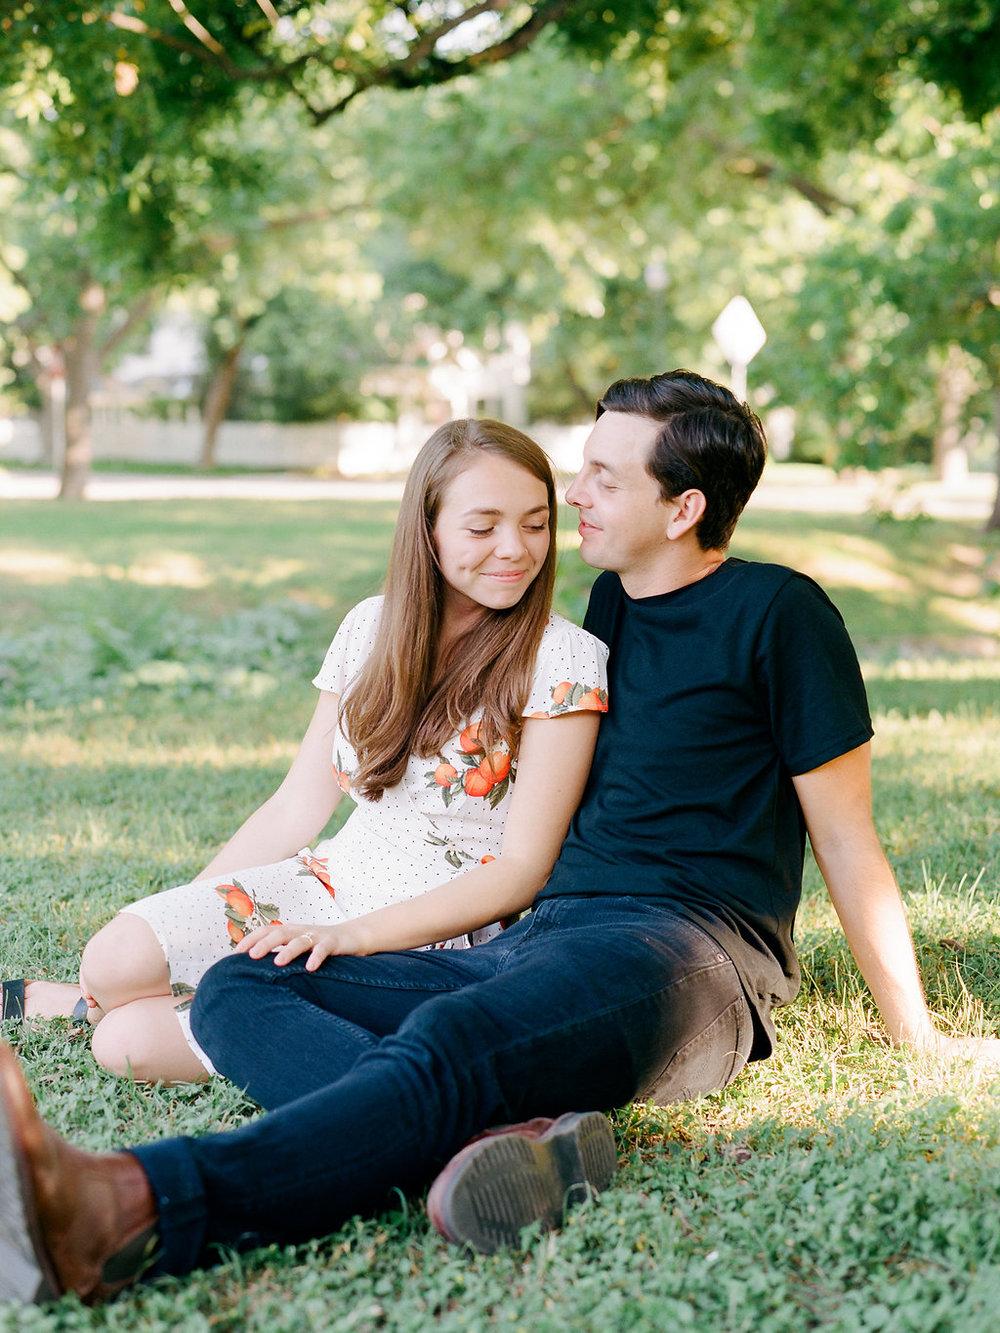 Best-Austin-Denver-California-Wedding-Photographers-fine-art-film-Engagement-Session-41.jpg